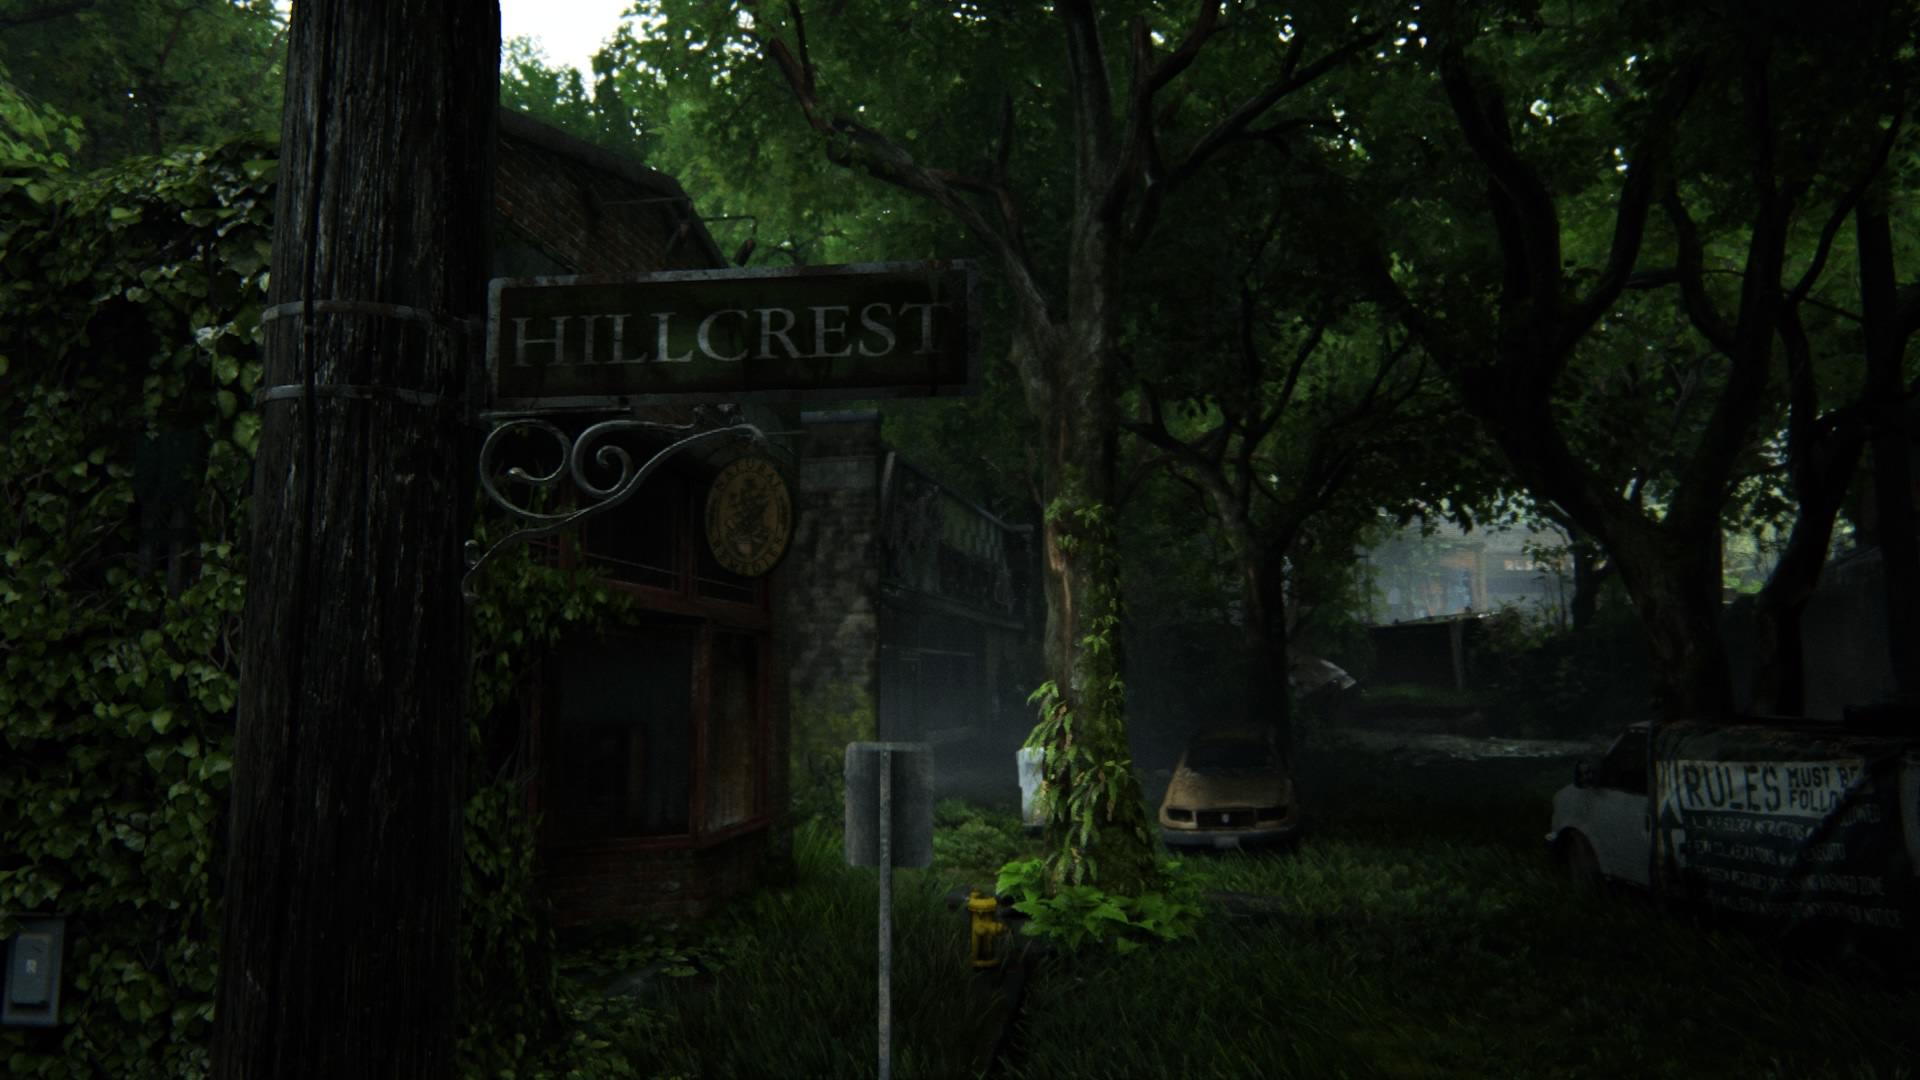 ... Damit Sich Ellie Danach Alleine Auf Den Weg Nach Hillcrest Macht.